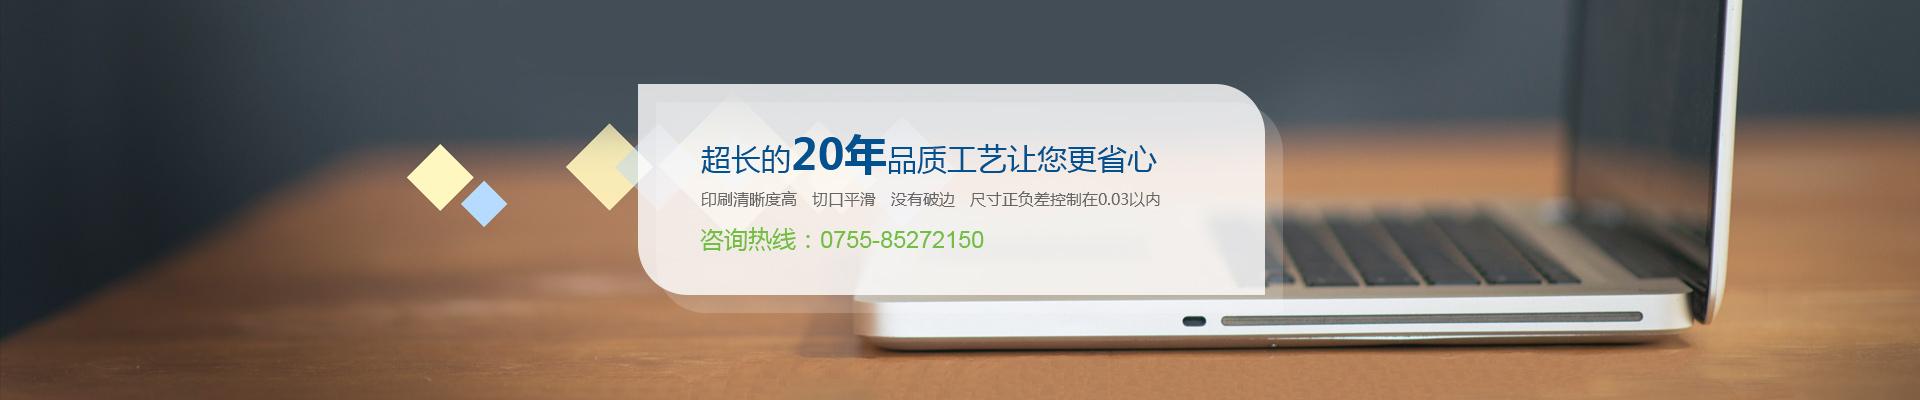 東莞市聯永包裝材料有限公司